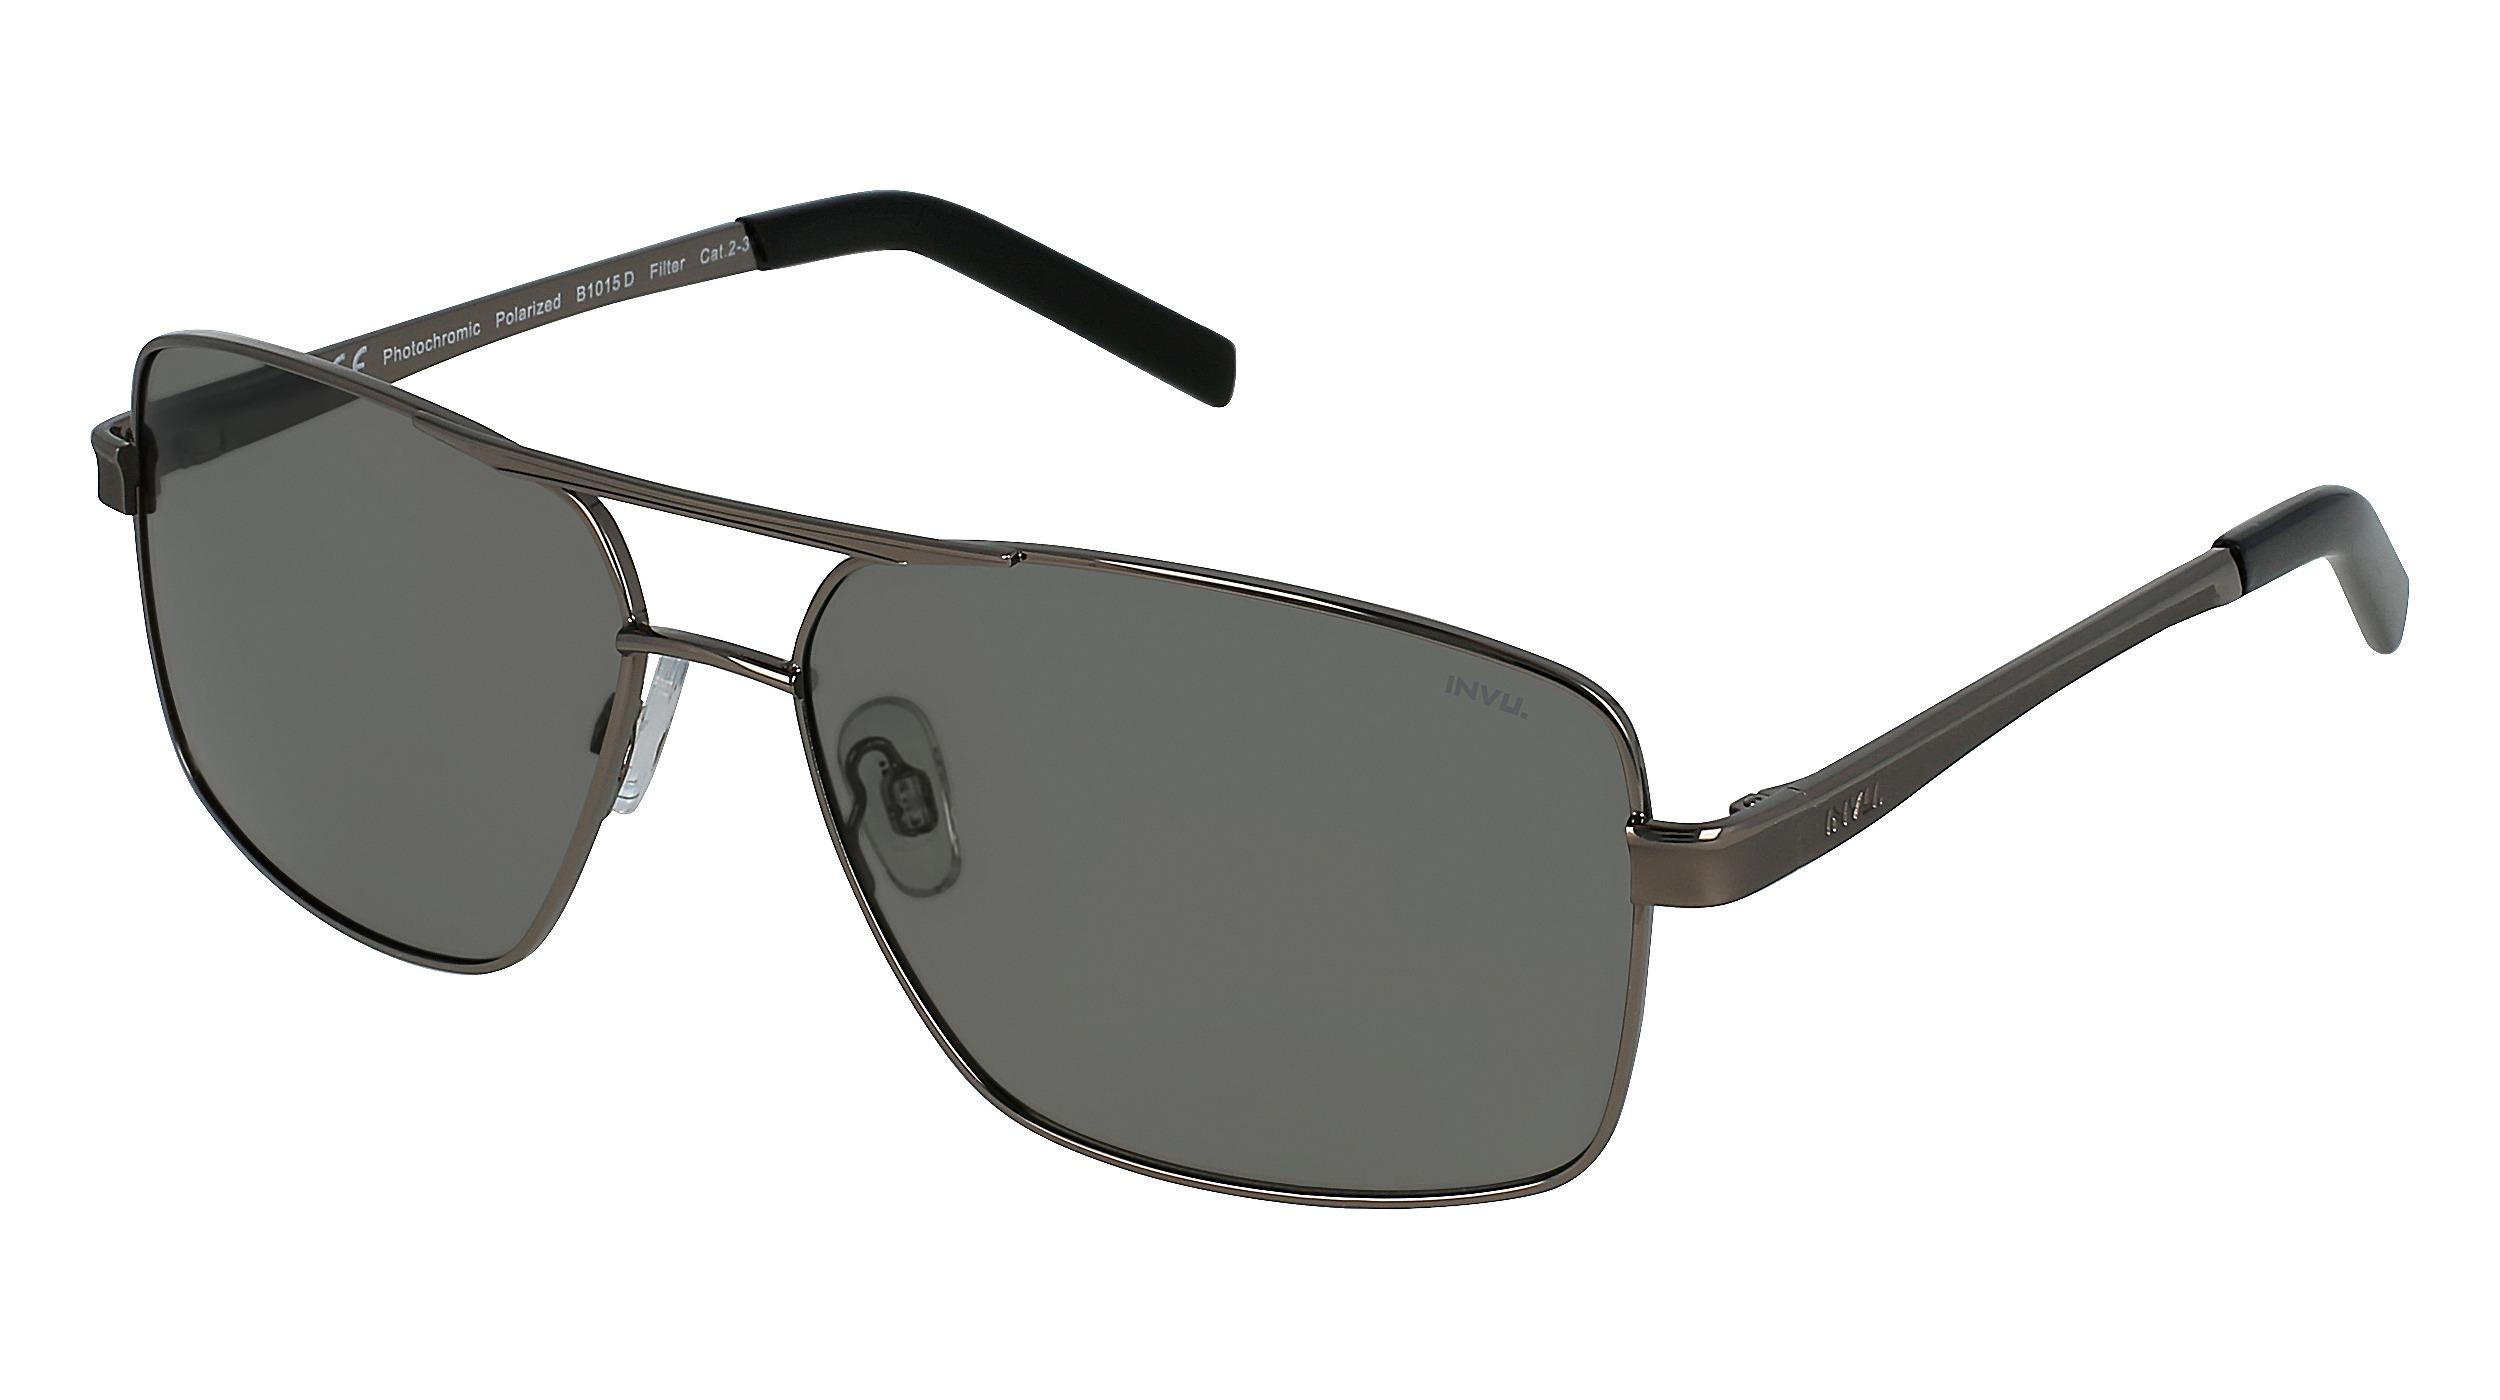 Oчки INVU s-B1015D